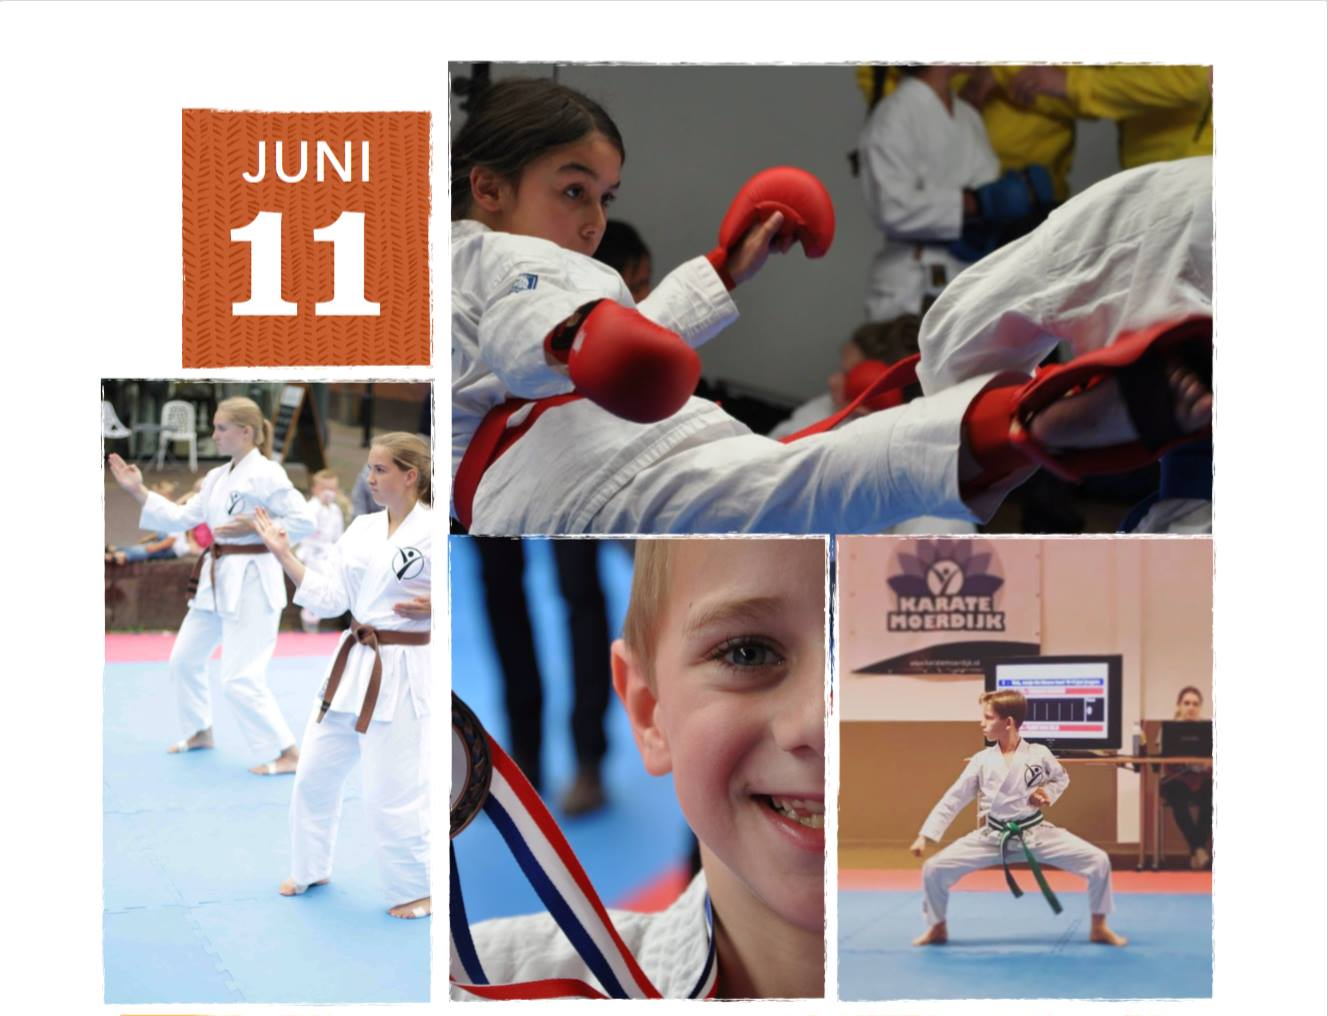 17390416 1420736897978217 8854991016267558806 o 1 Karate Moerdijk jeugd toernooi